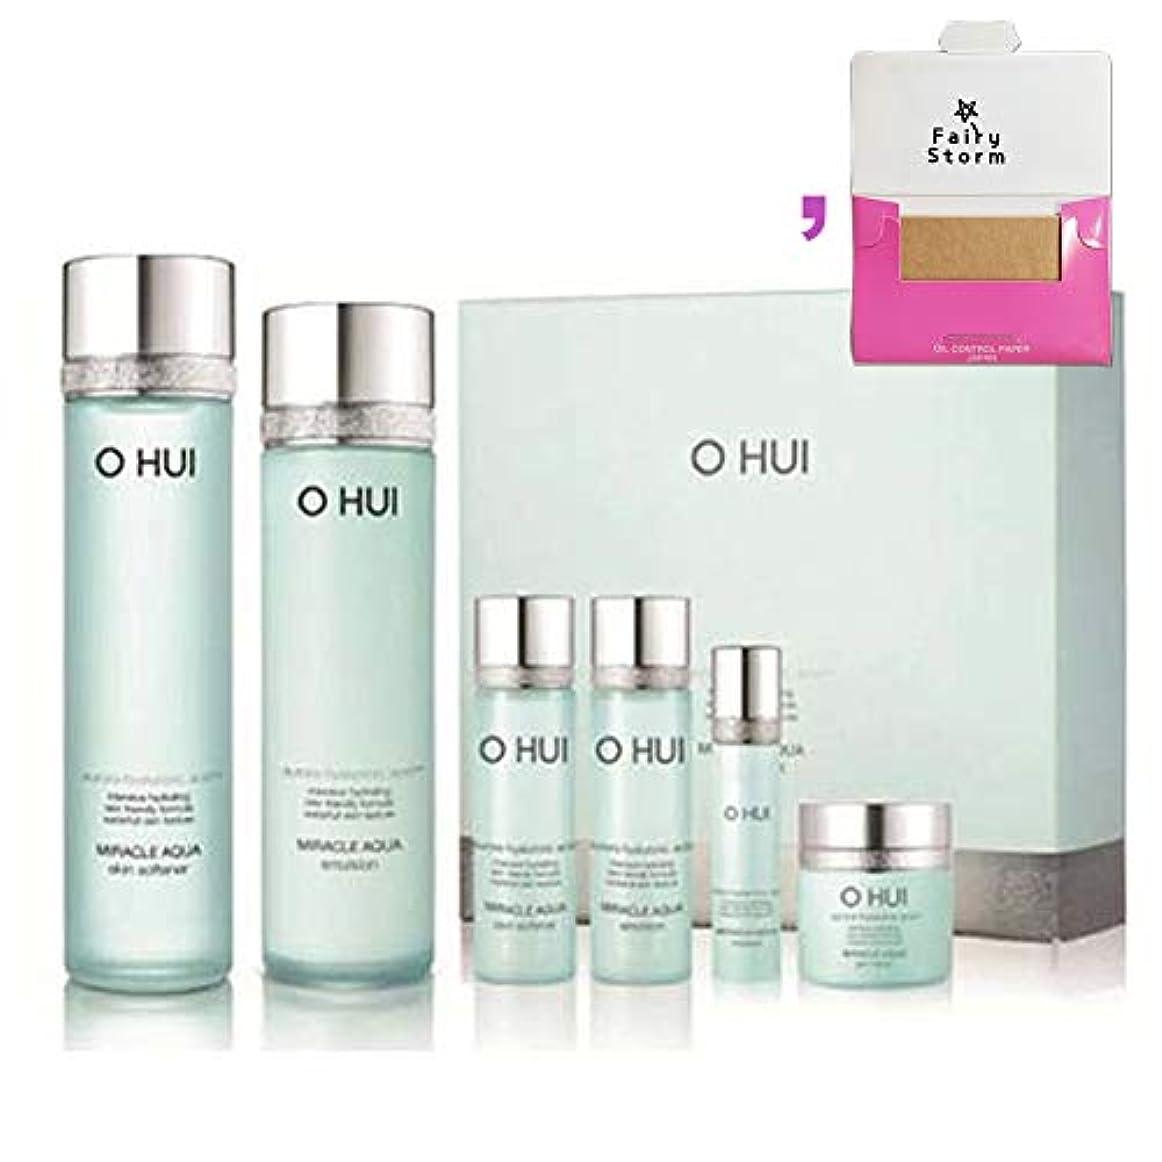 お酒まどろみのある心配する[オフィ/O HUI]韓国化粧品LG生活健康/O HUI MIRACLE AQUA SPECIAL 2EA SET/ミラクルアクア 2種セット+[Sample Gift](海外直送品)